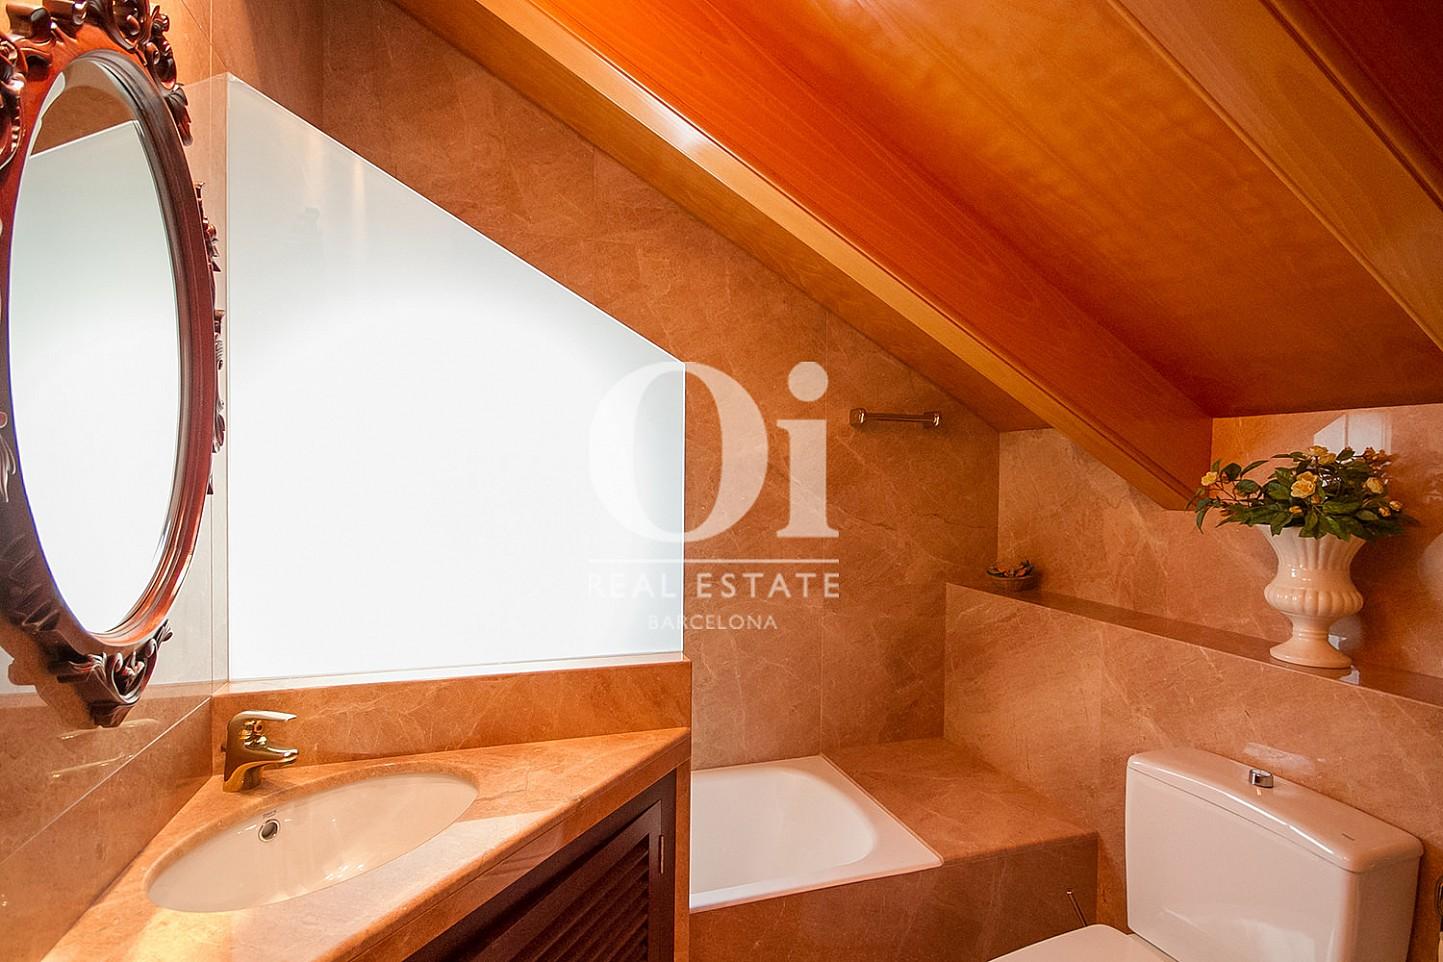 Salle de bain complète au dernier étage dans une maison en vente à La Bonanova